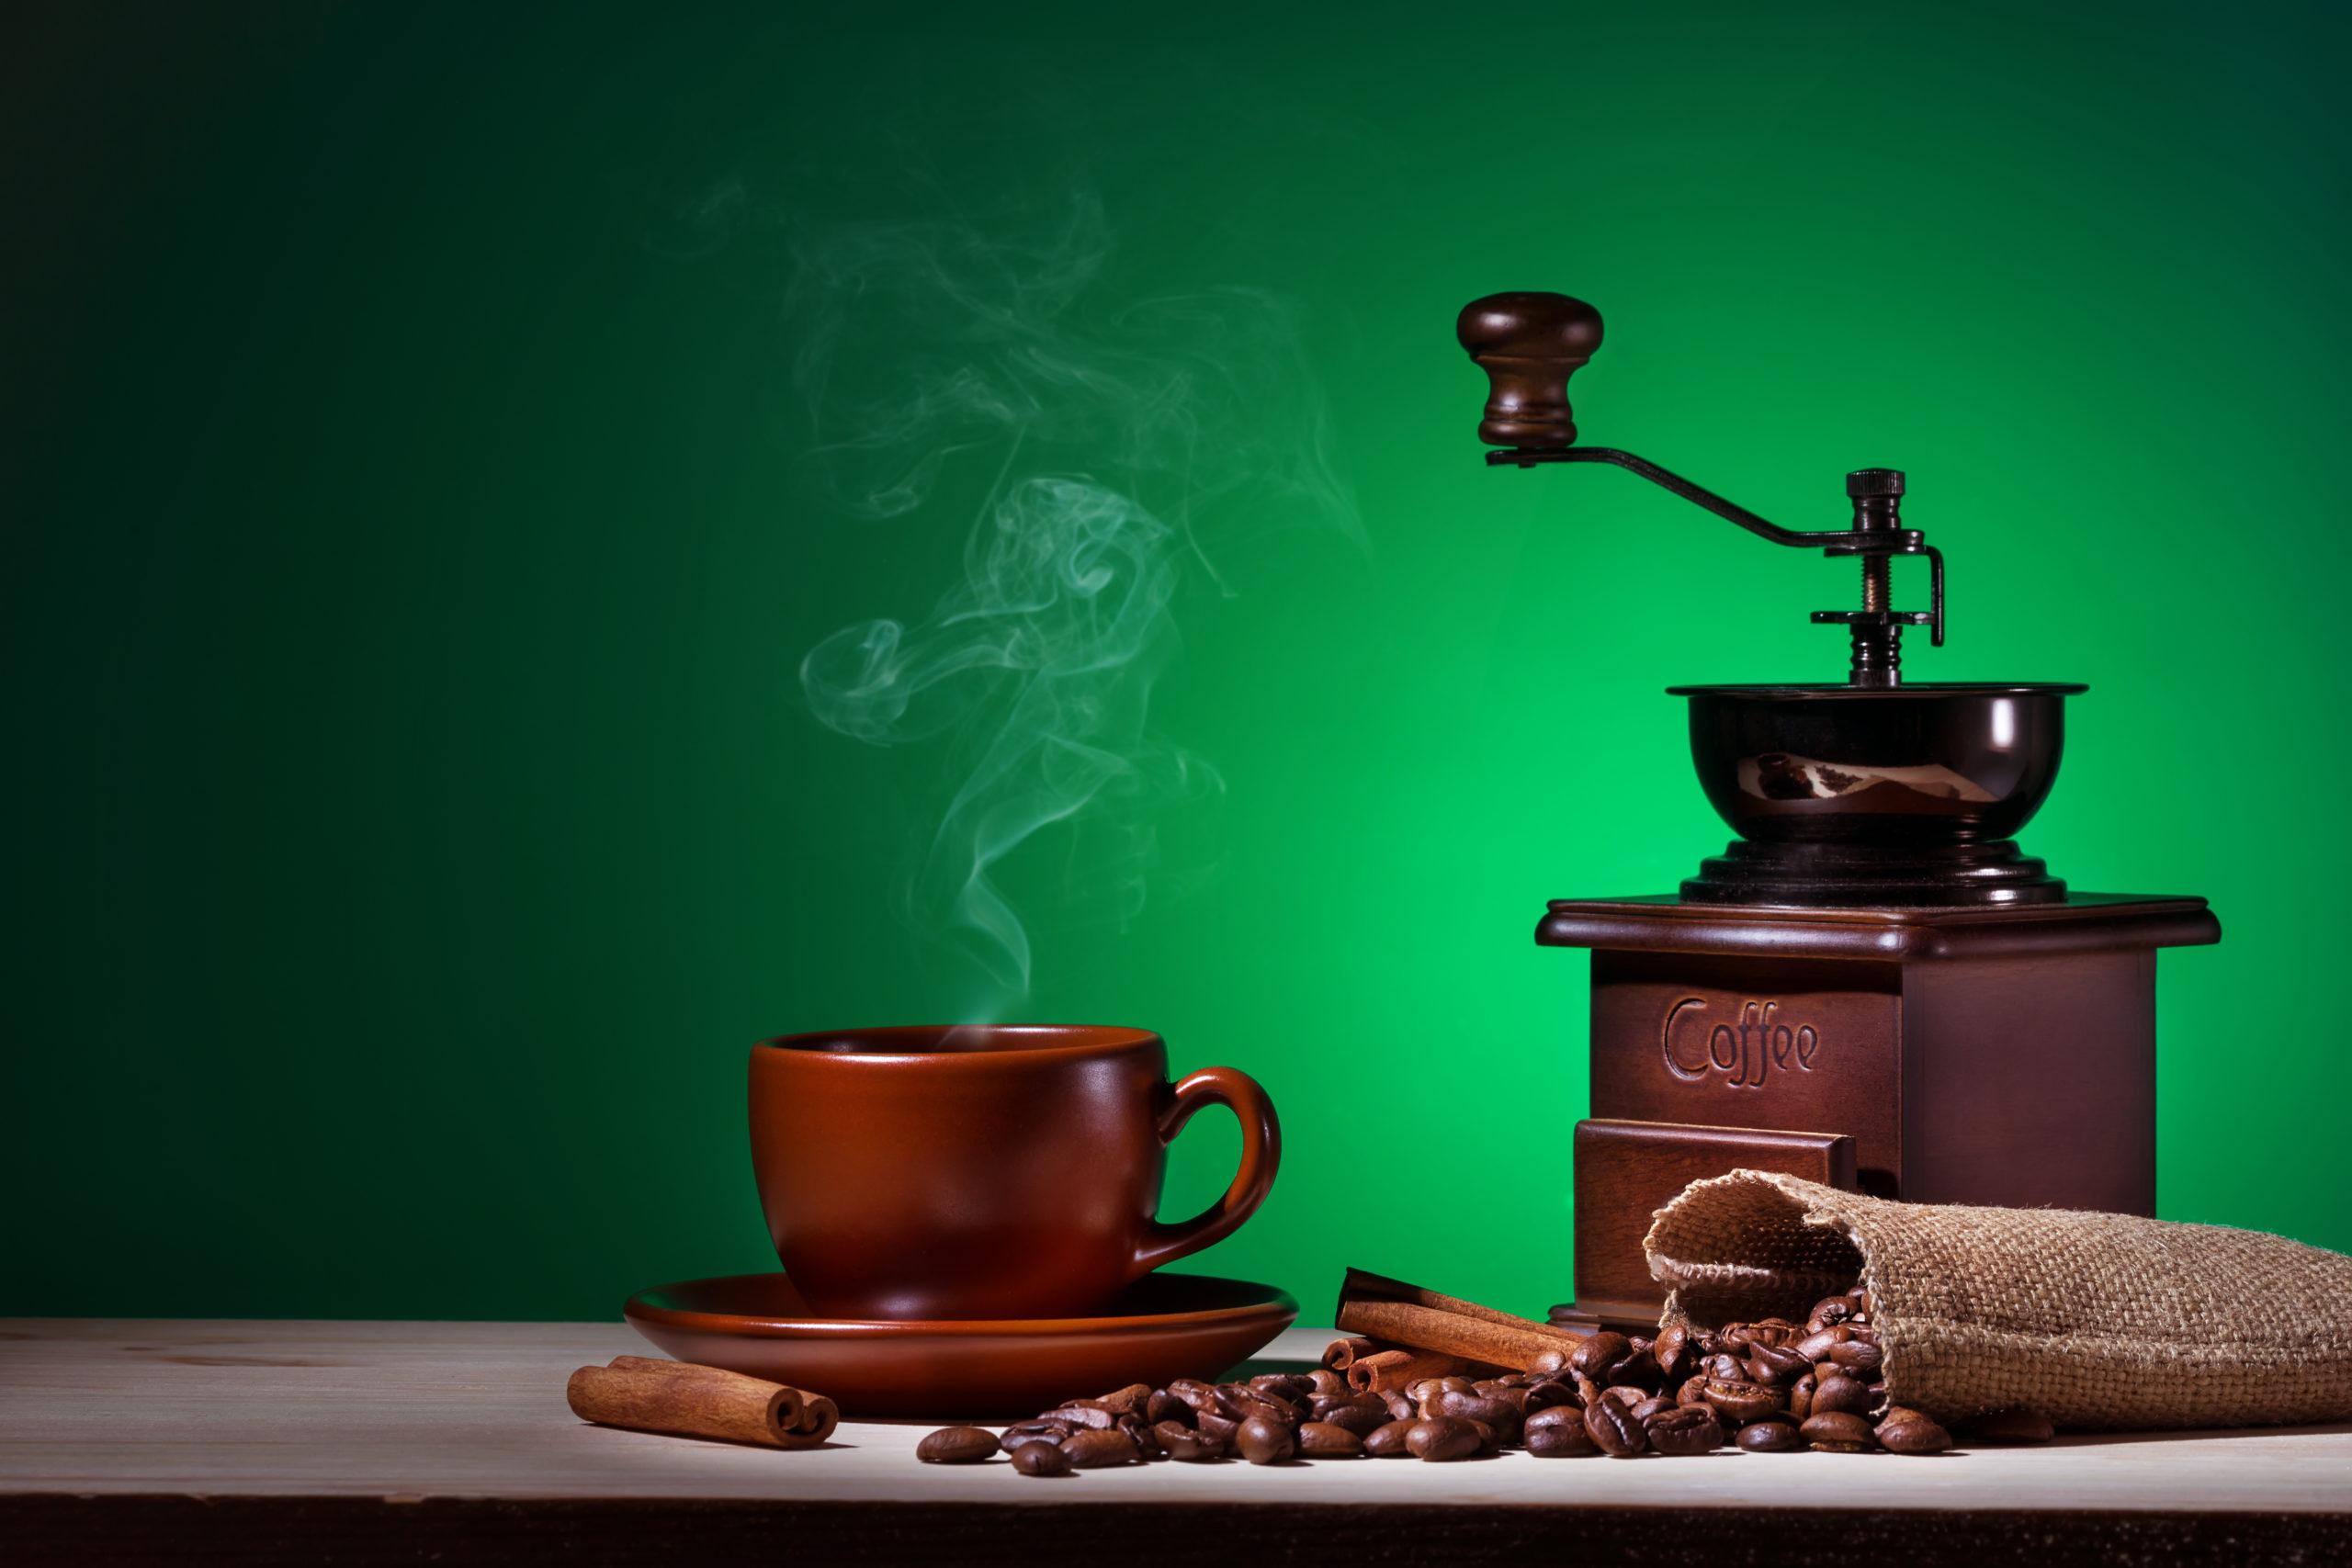 Die teuersten Kaffees der Welt sind ihr Geld wert.